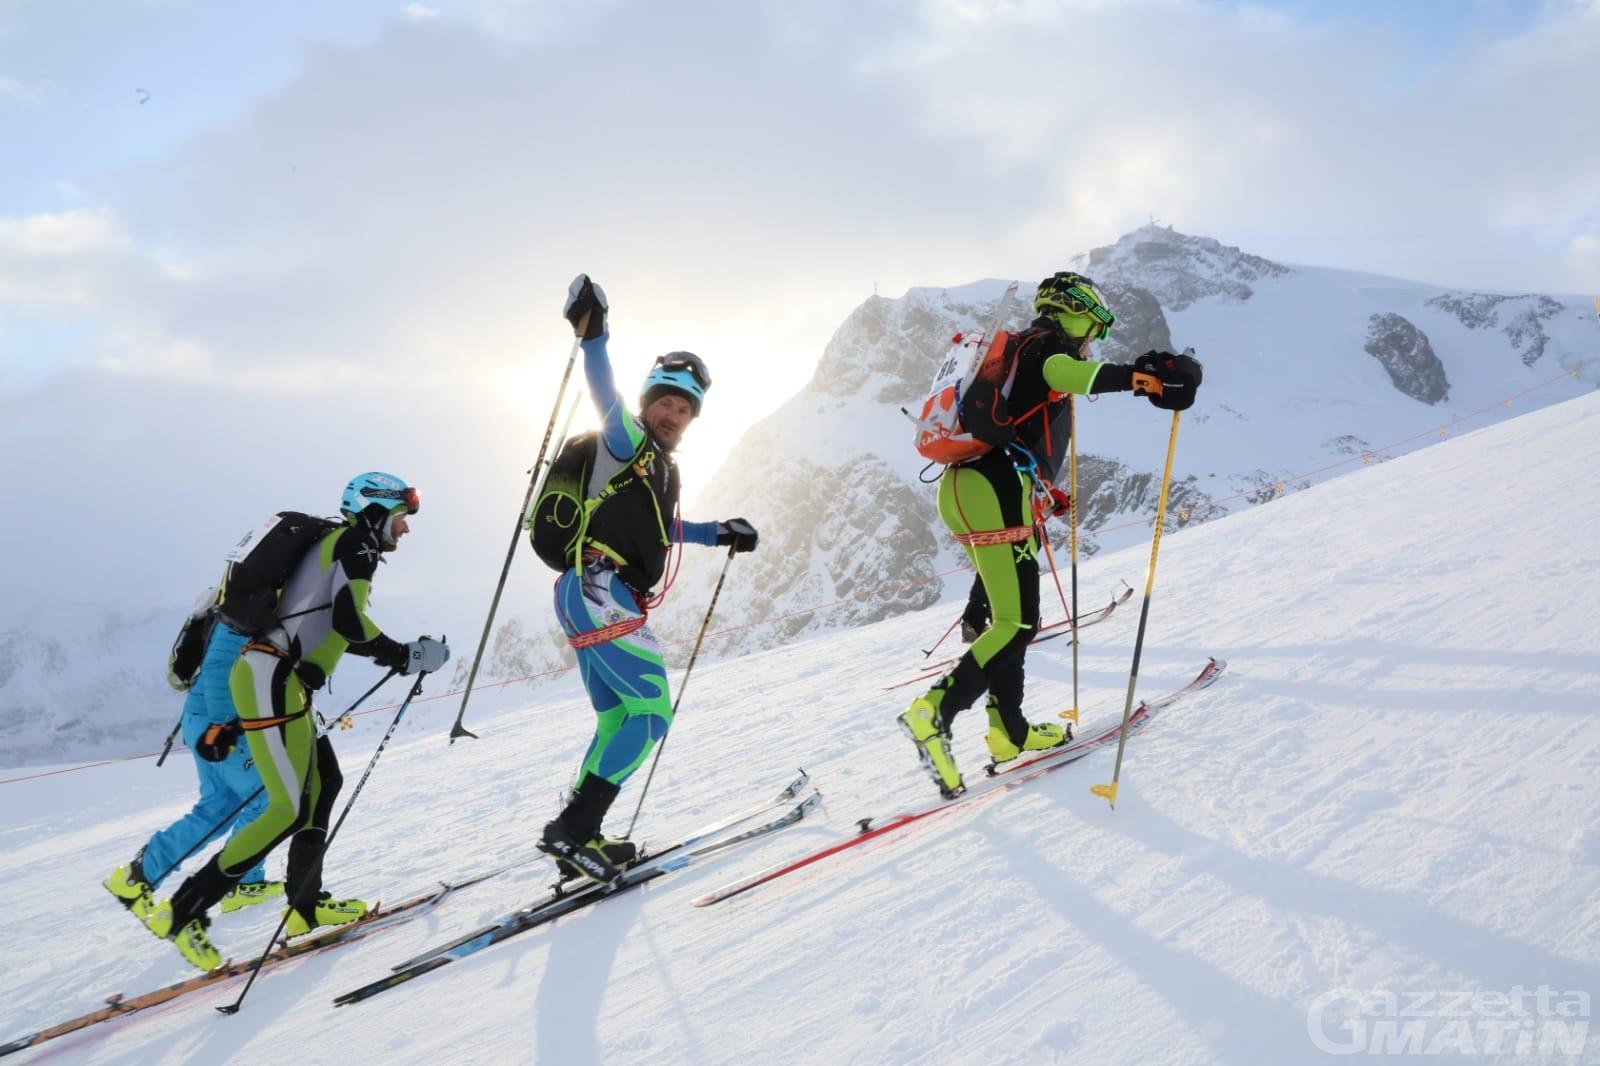 Olimpiadi 2026: la Valle d'Aosta si candida per lo skialp